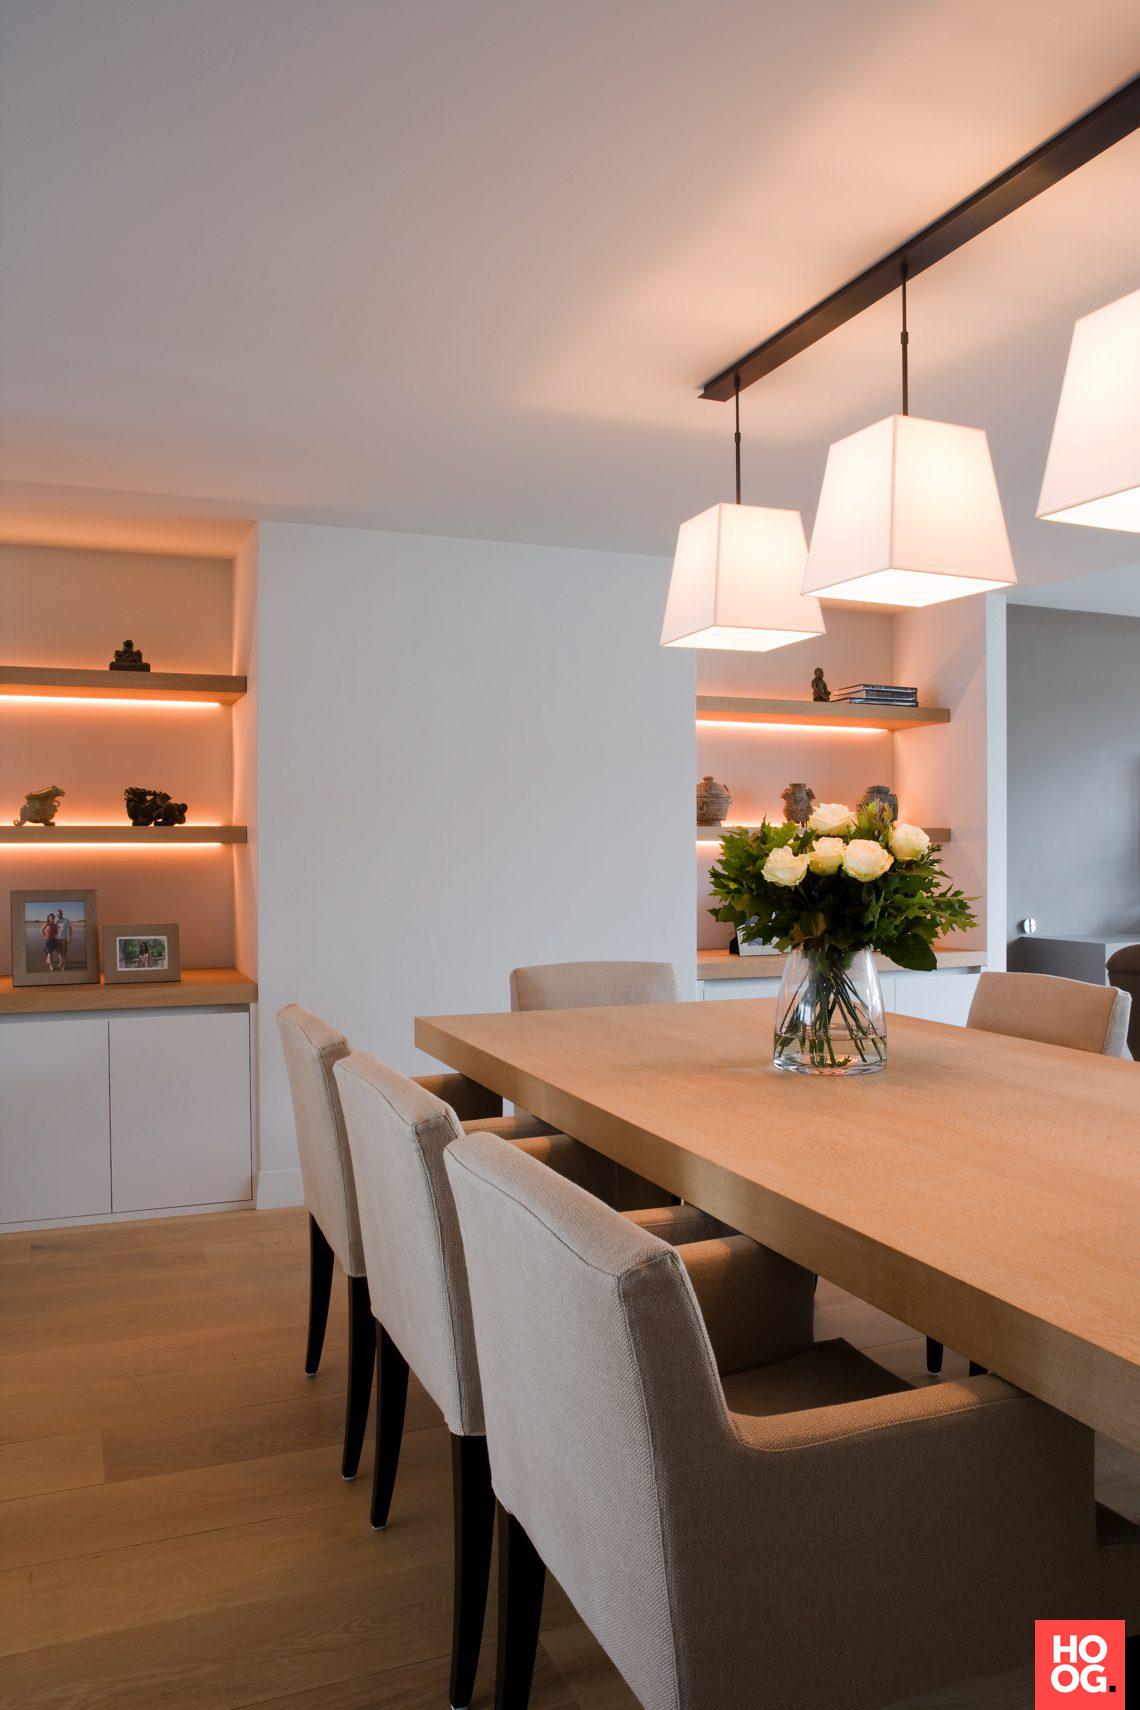 Project B Knokke In 2020 Met Afbeeldingen Ideeen Voor Thuisdecoratie Huis Interieur Wonen